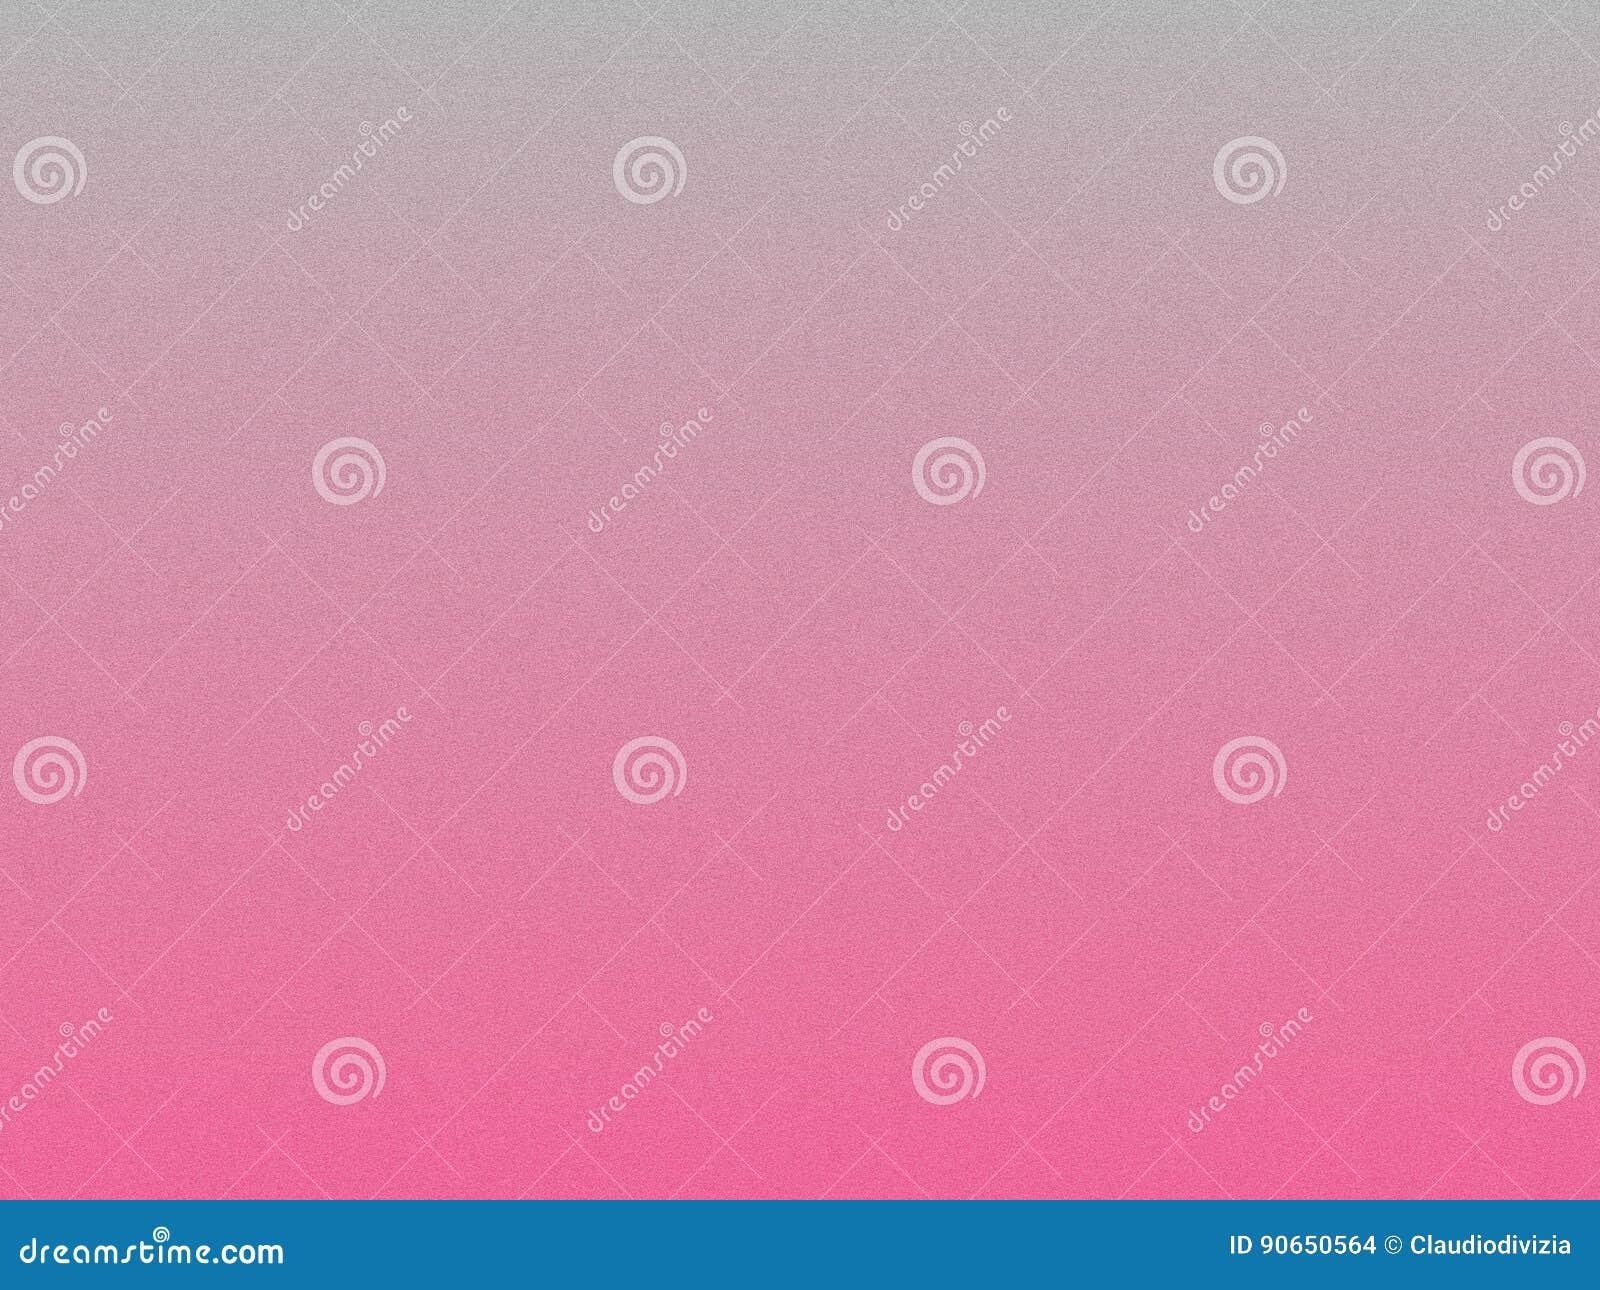 Abstracte grijze en roze textuurachtergrond